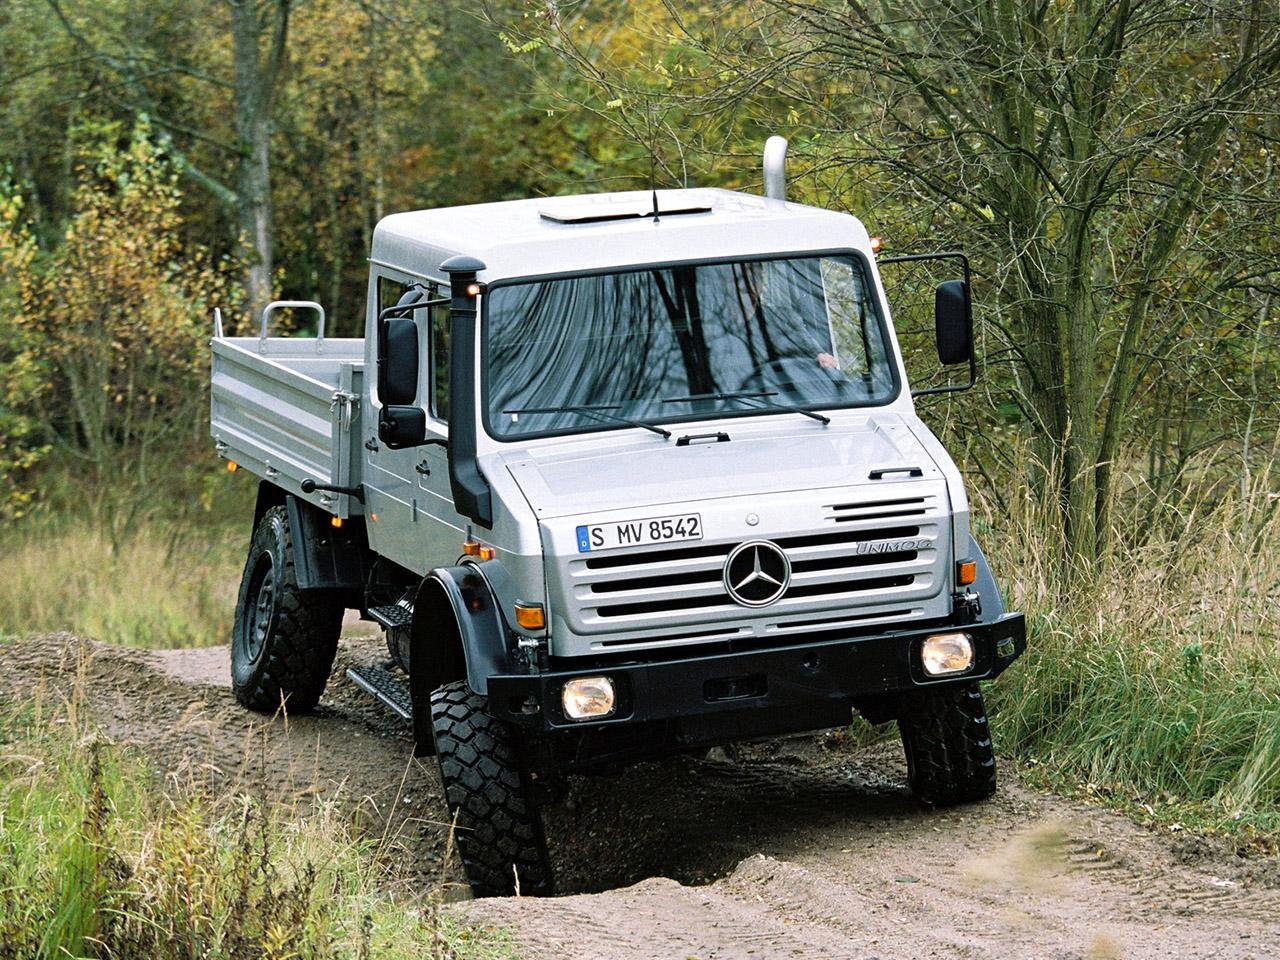 unimog_u5000-double-cab-2000_r1